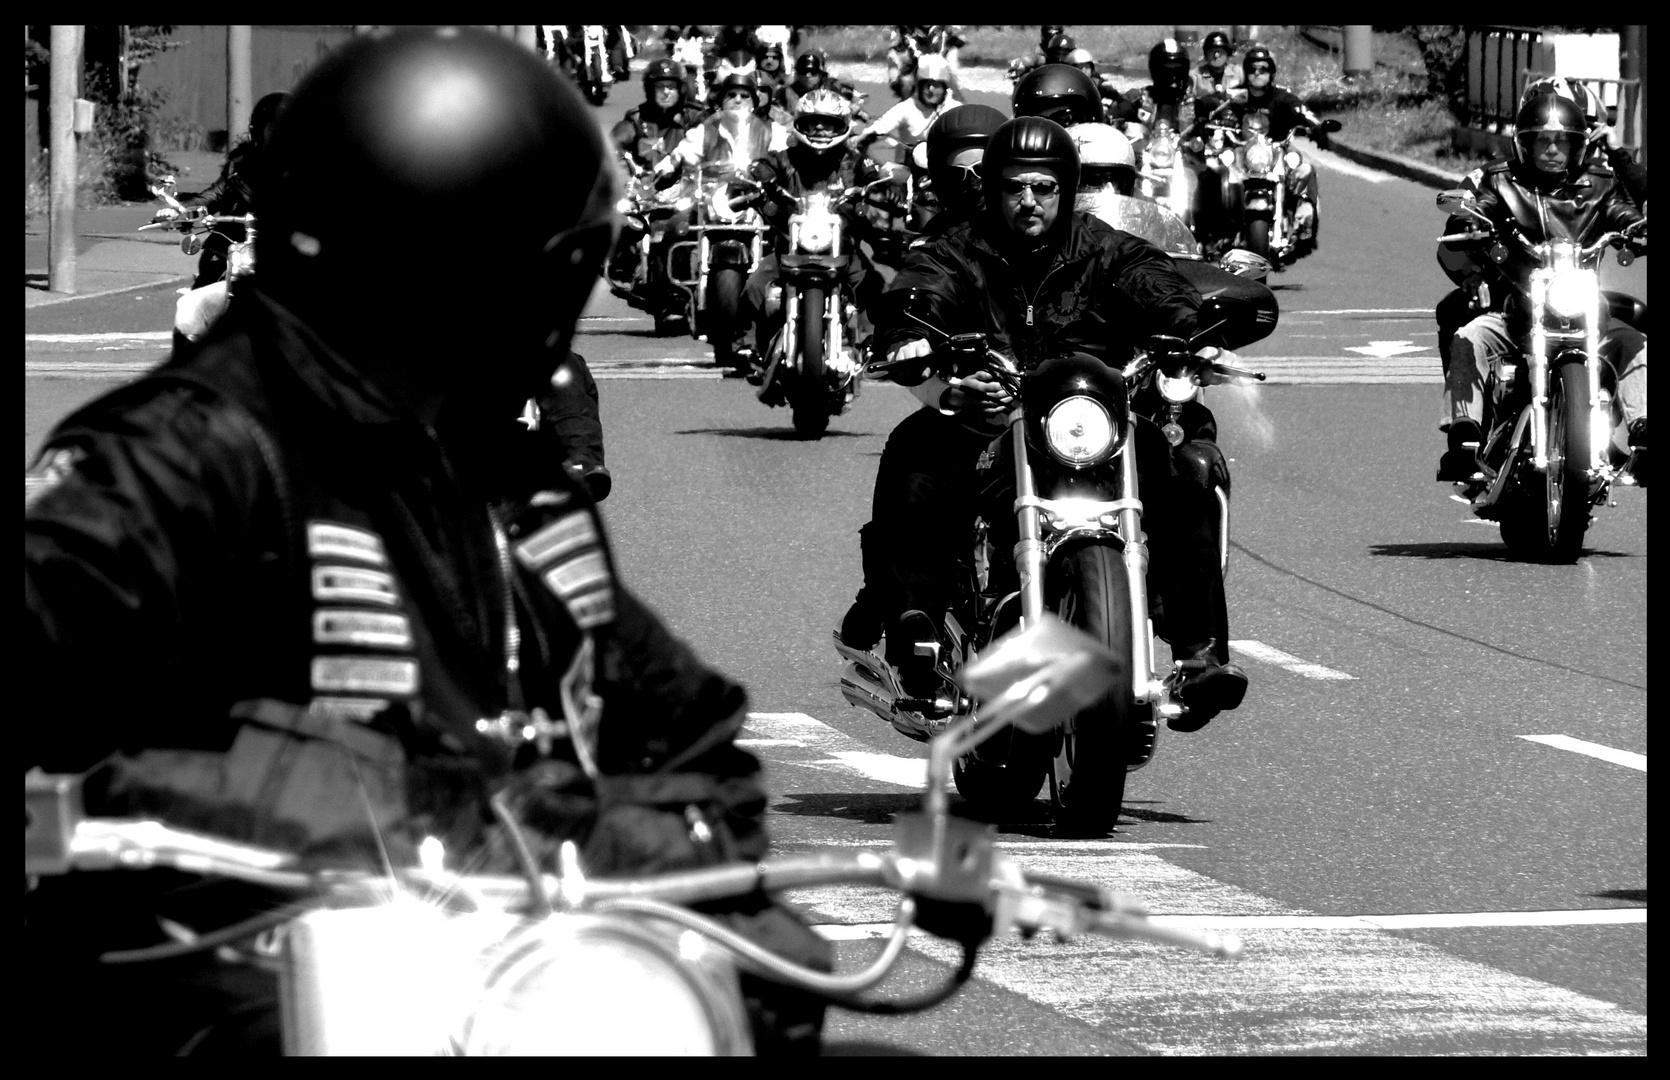 Die Motorradsaison 2010 beginnt - Motorradgang - Einer für alle